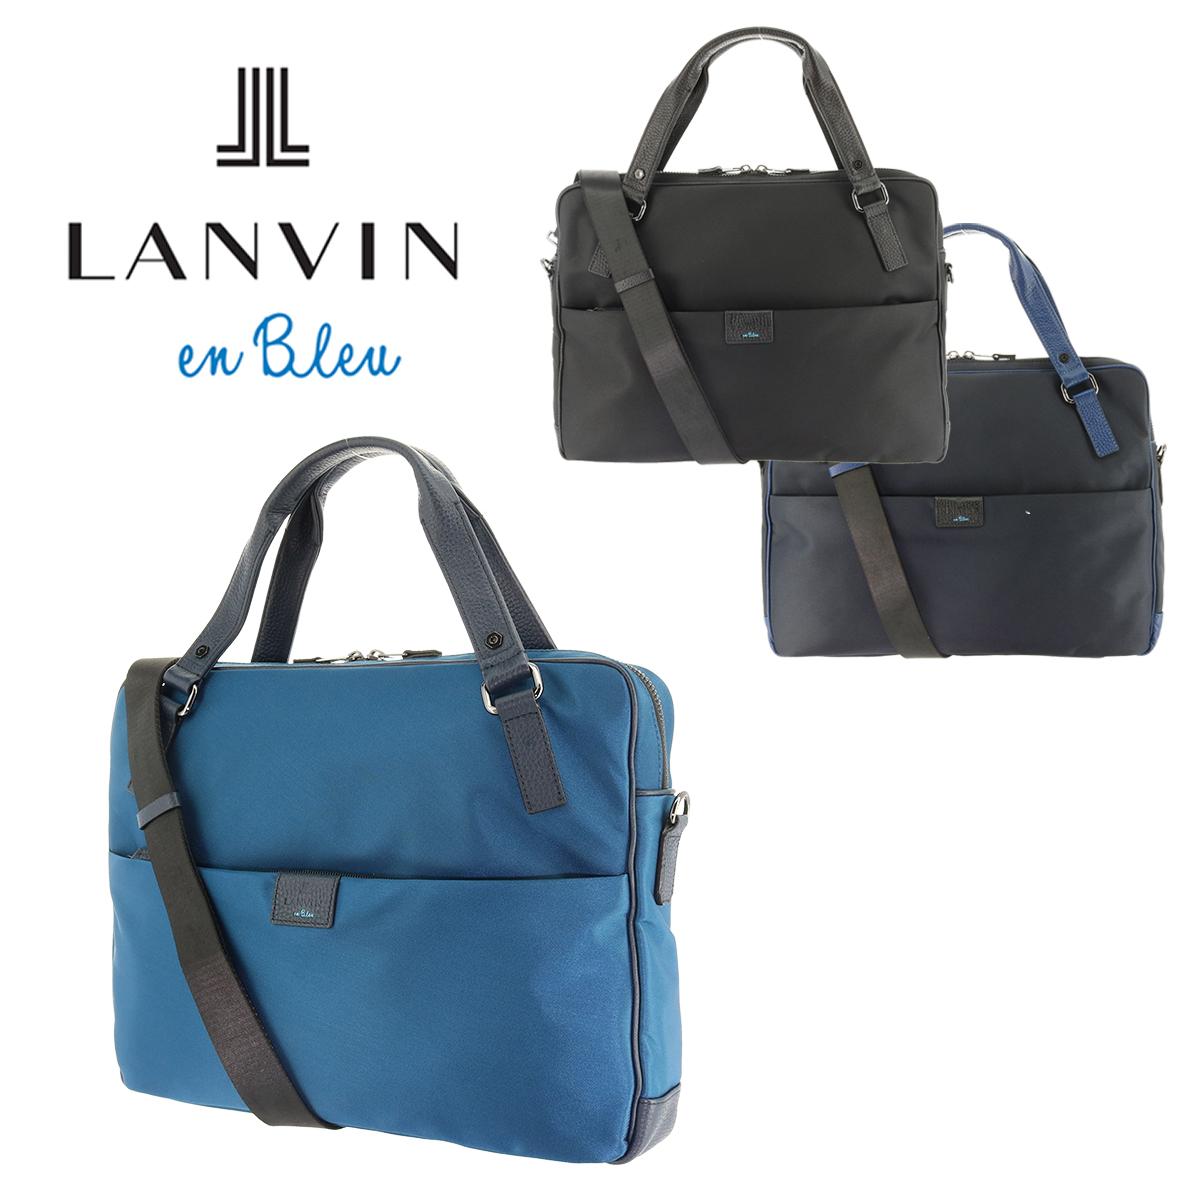 ランバンオンブルー LANVIN en Bleu ブリーフケース 589501 【 2WAY ショルダーバッグ ビジネスバッグ メンズ 】【bef】